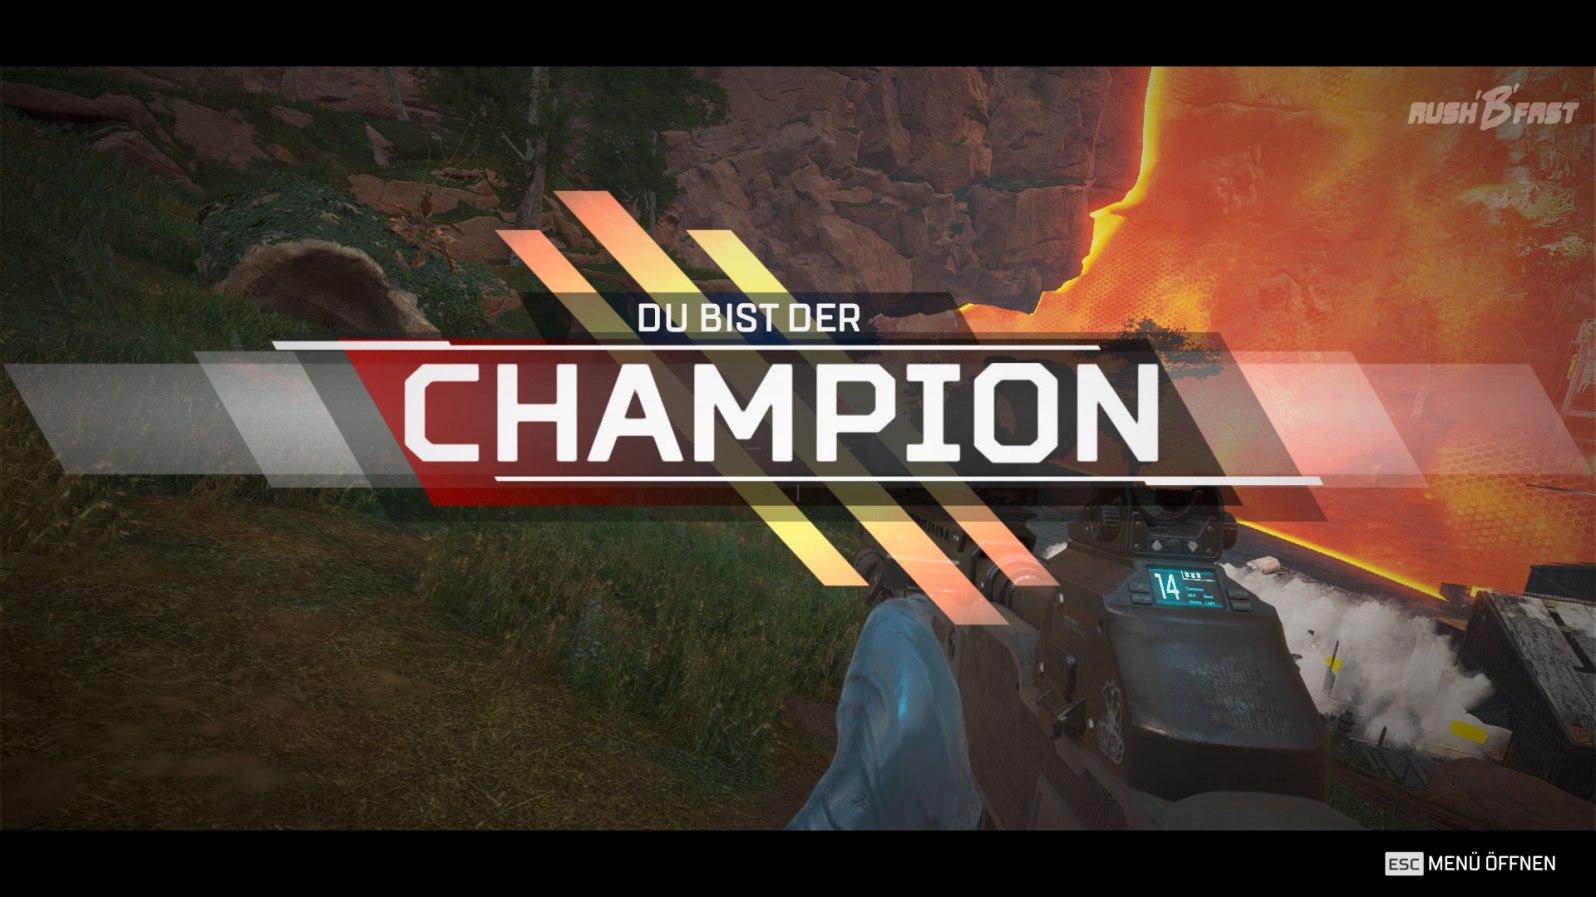 """So sehen Sieger aus! Nach einer erfolgreichen Schlacht mit dem eigenen Squad erscheint der Schriftzug """"DU BIST DER CHAMPION""""."""